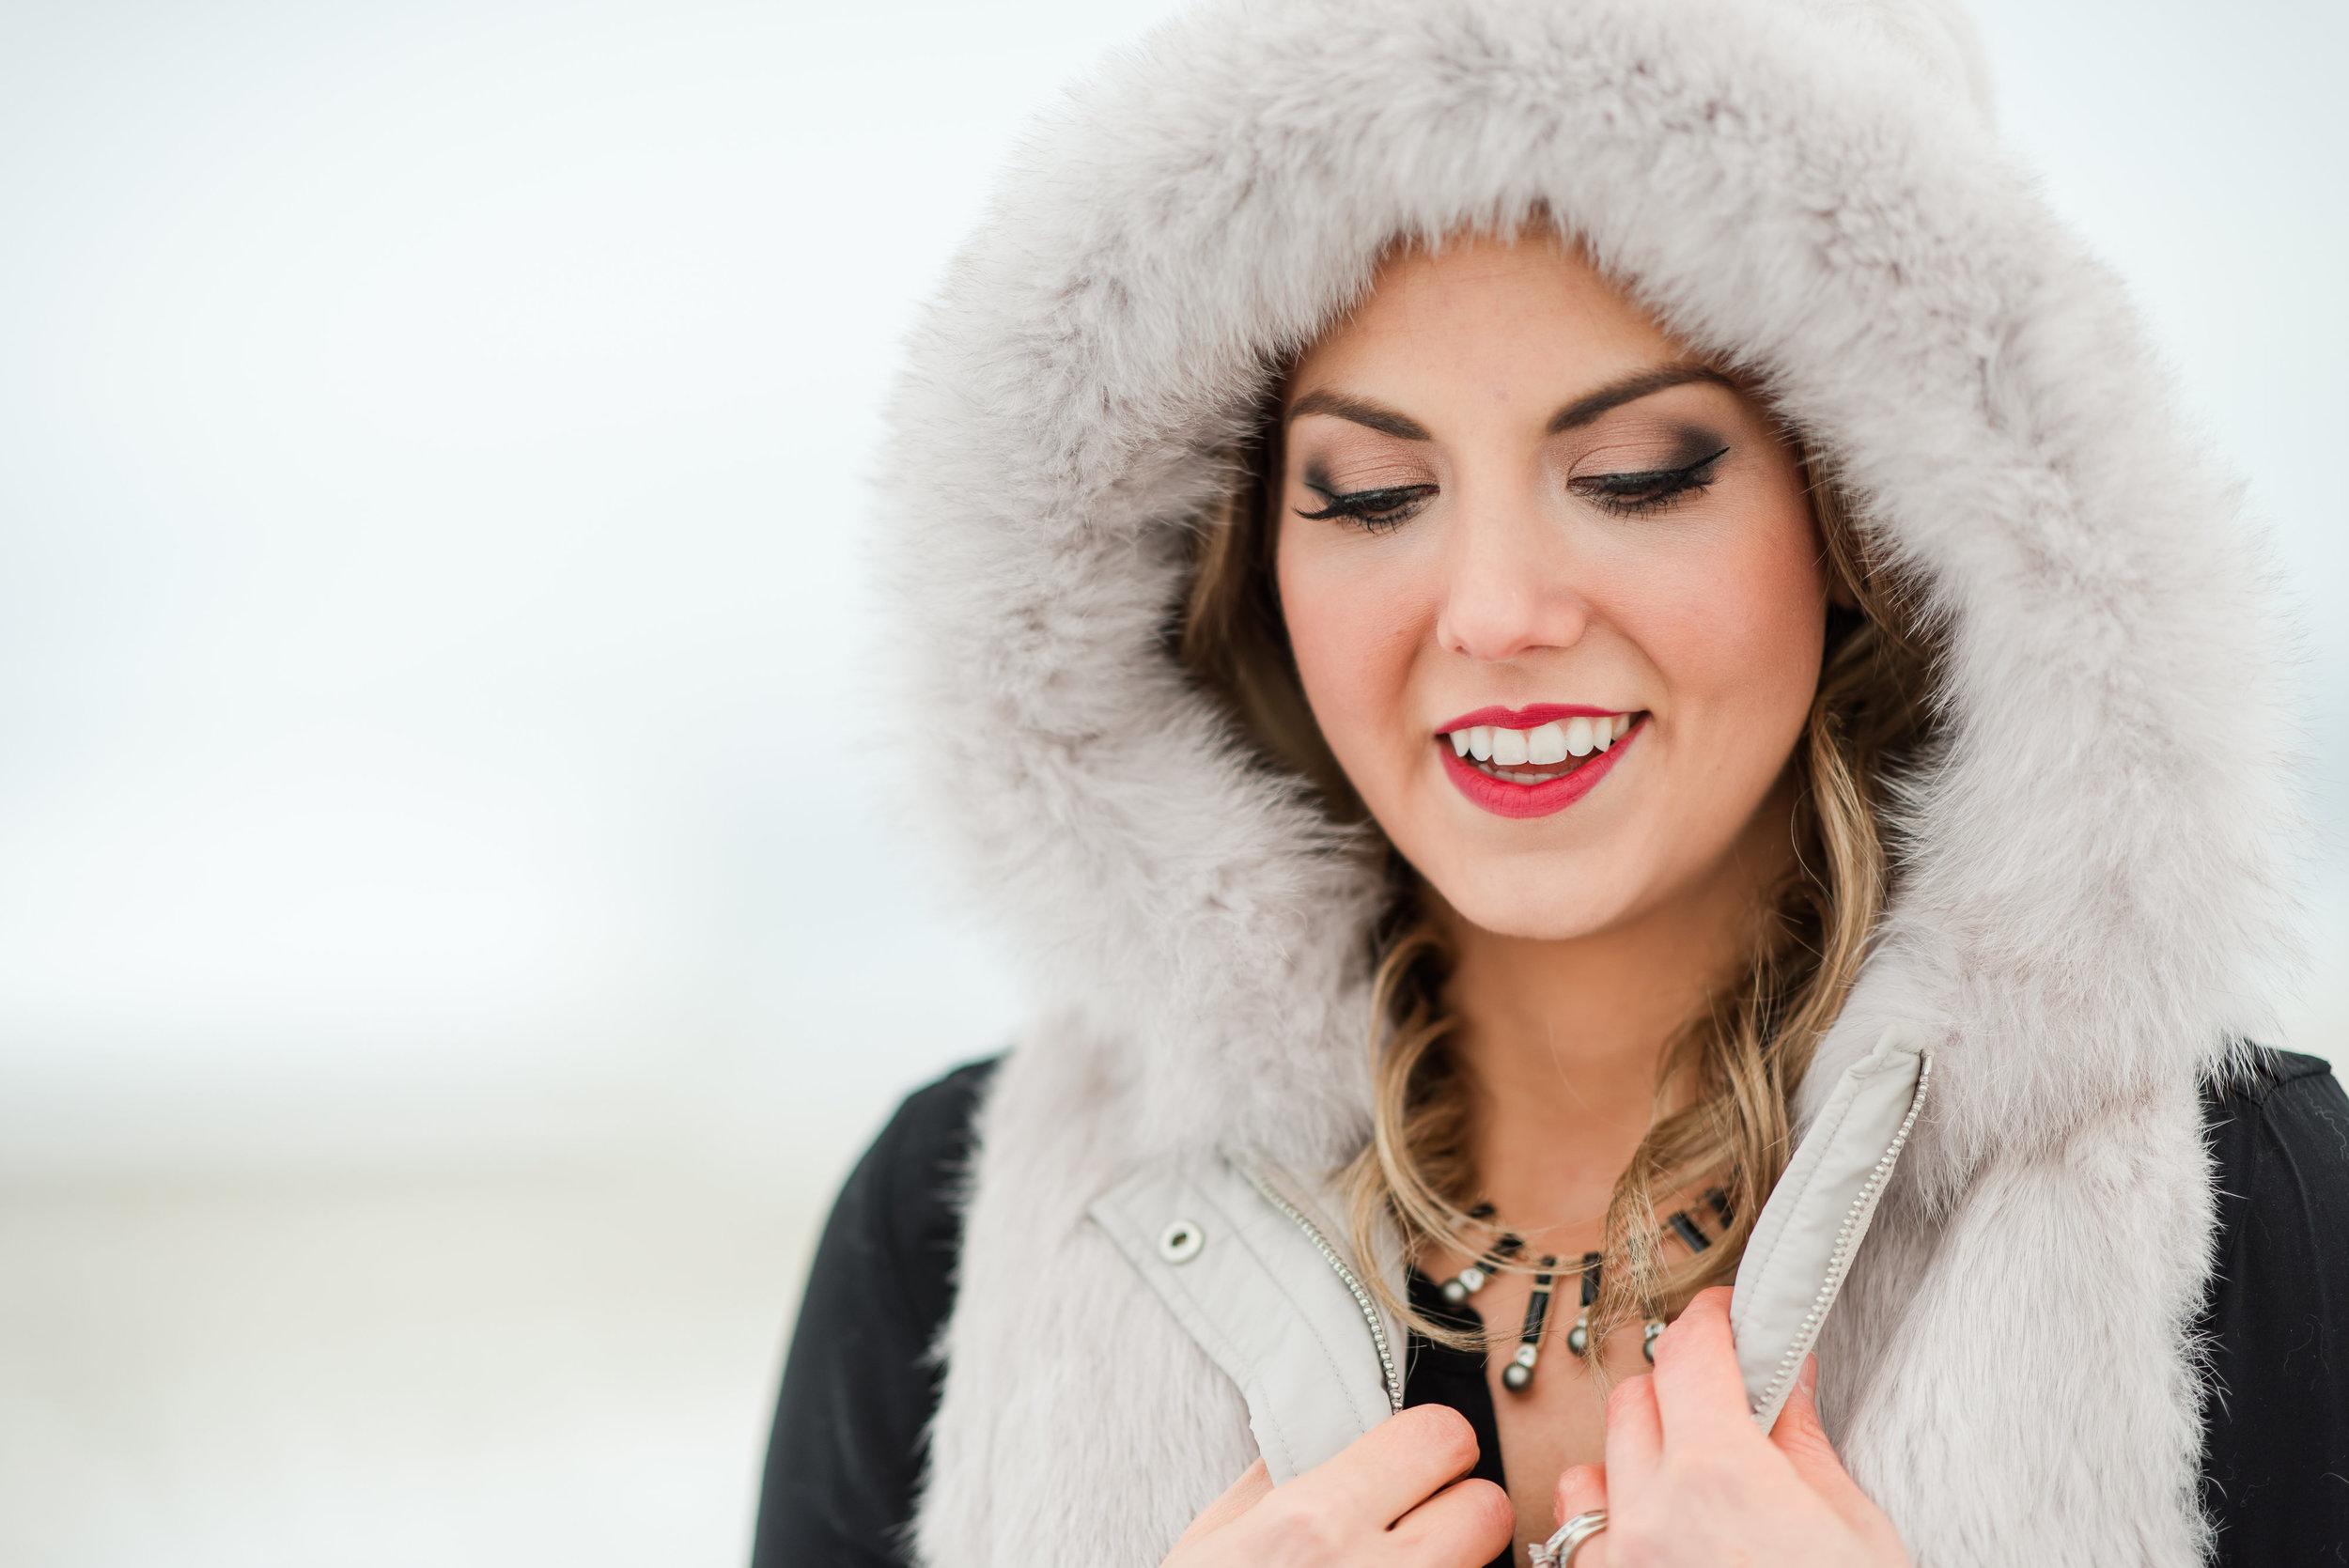 Deidra Winter Shoot Edited-0112.jpg